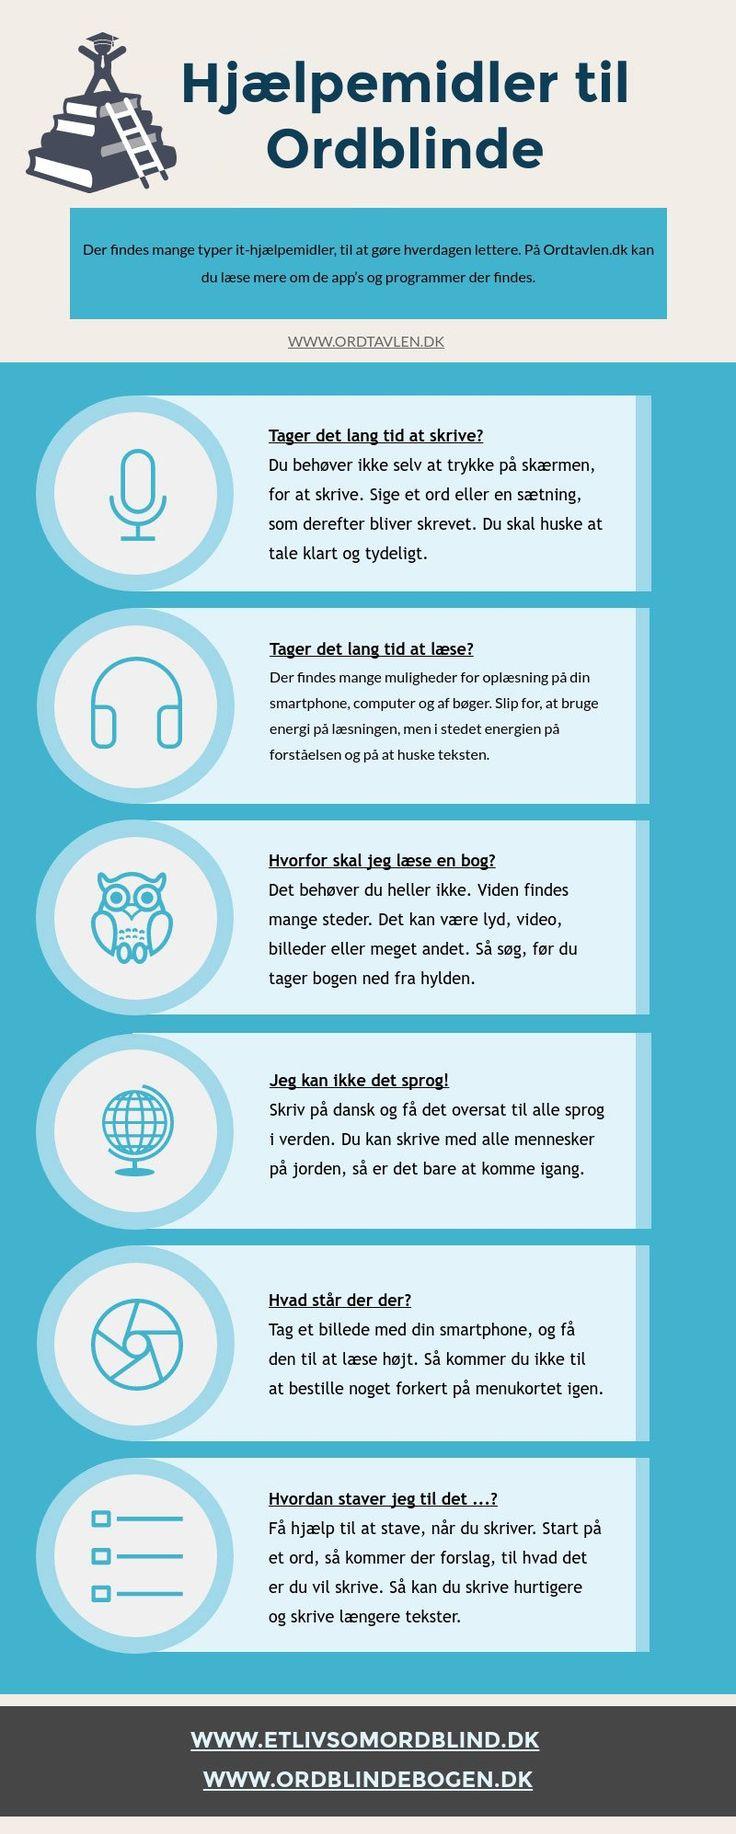 Hjælpemidler-til-ordblinde-Etlivsomordblind